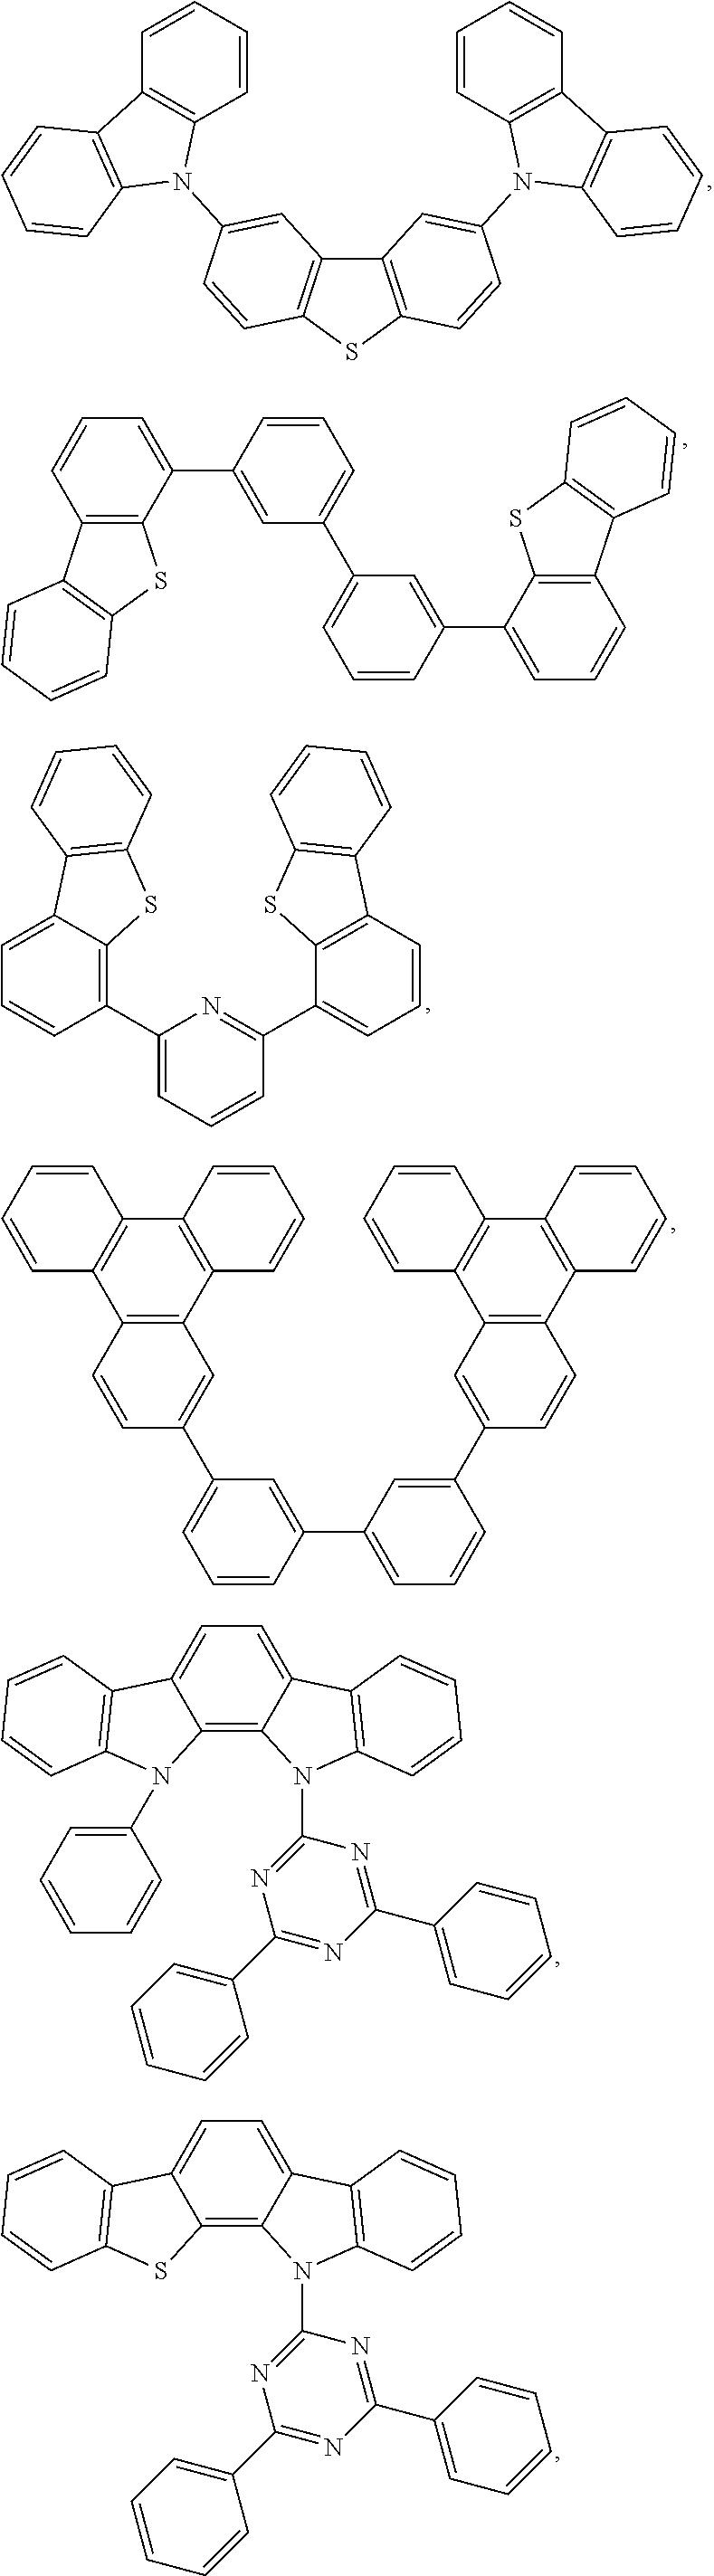 Figure US09725476-20170808-C00009